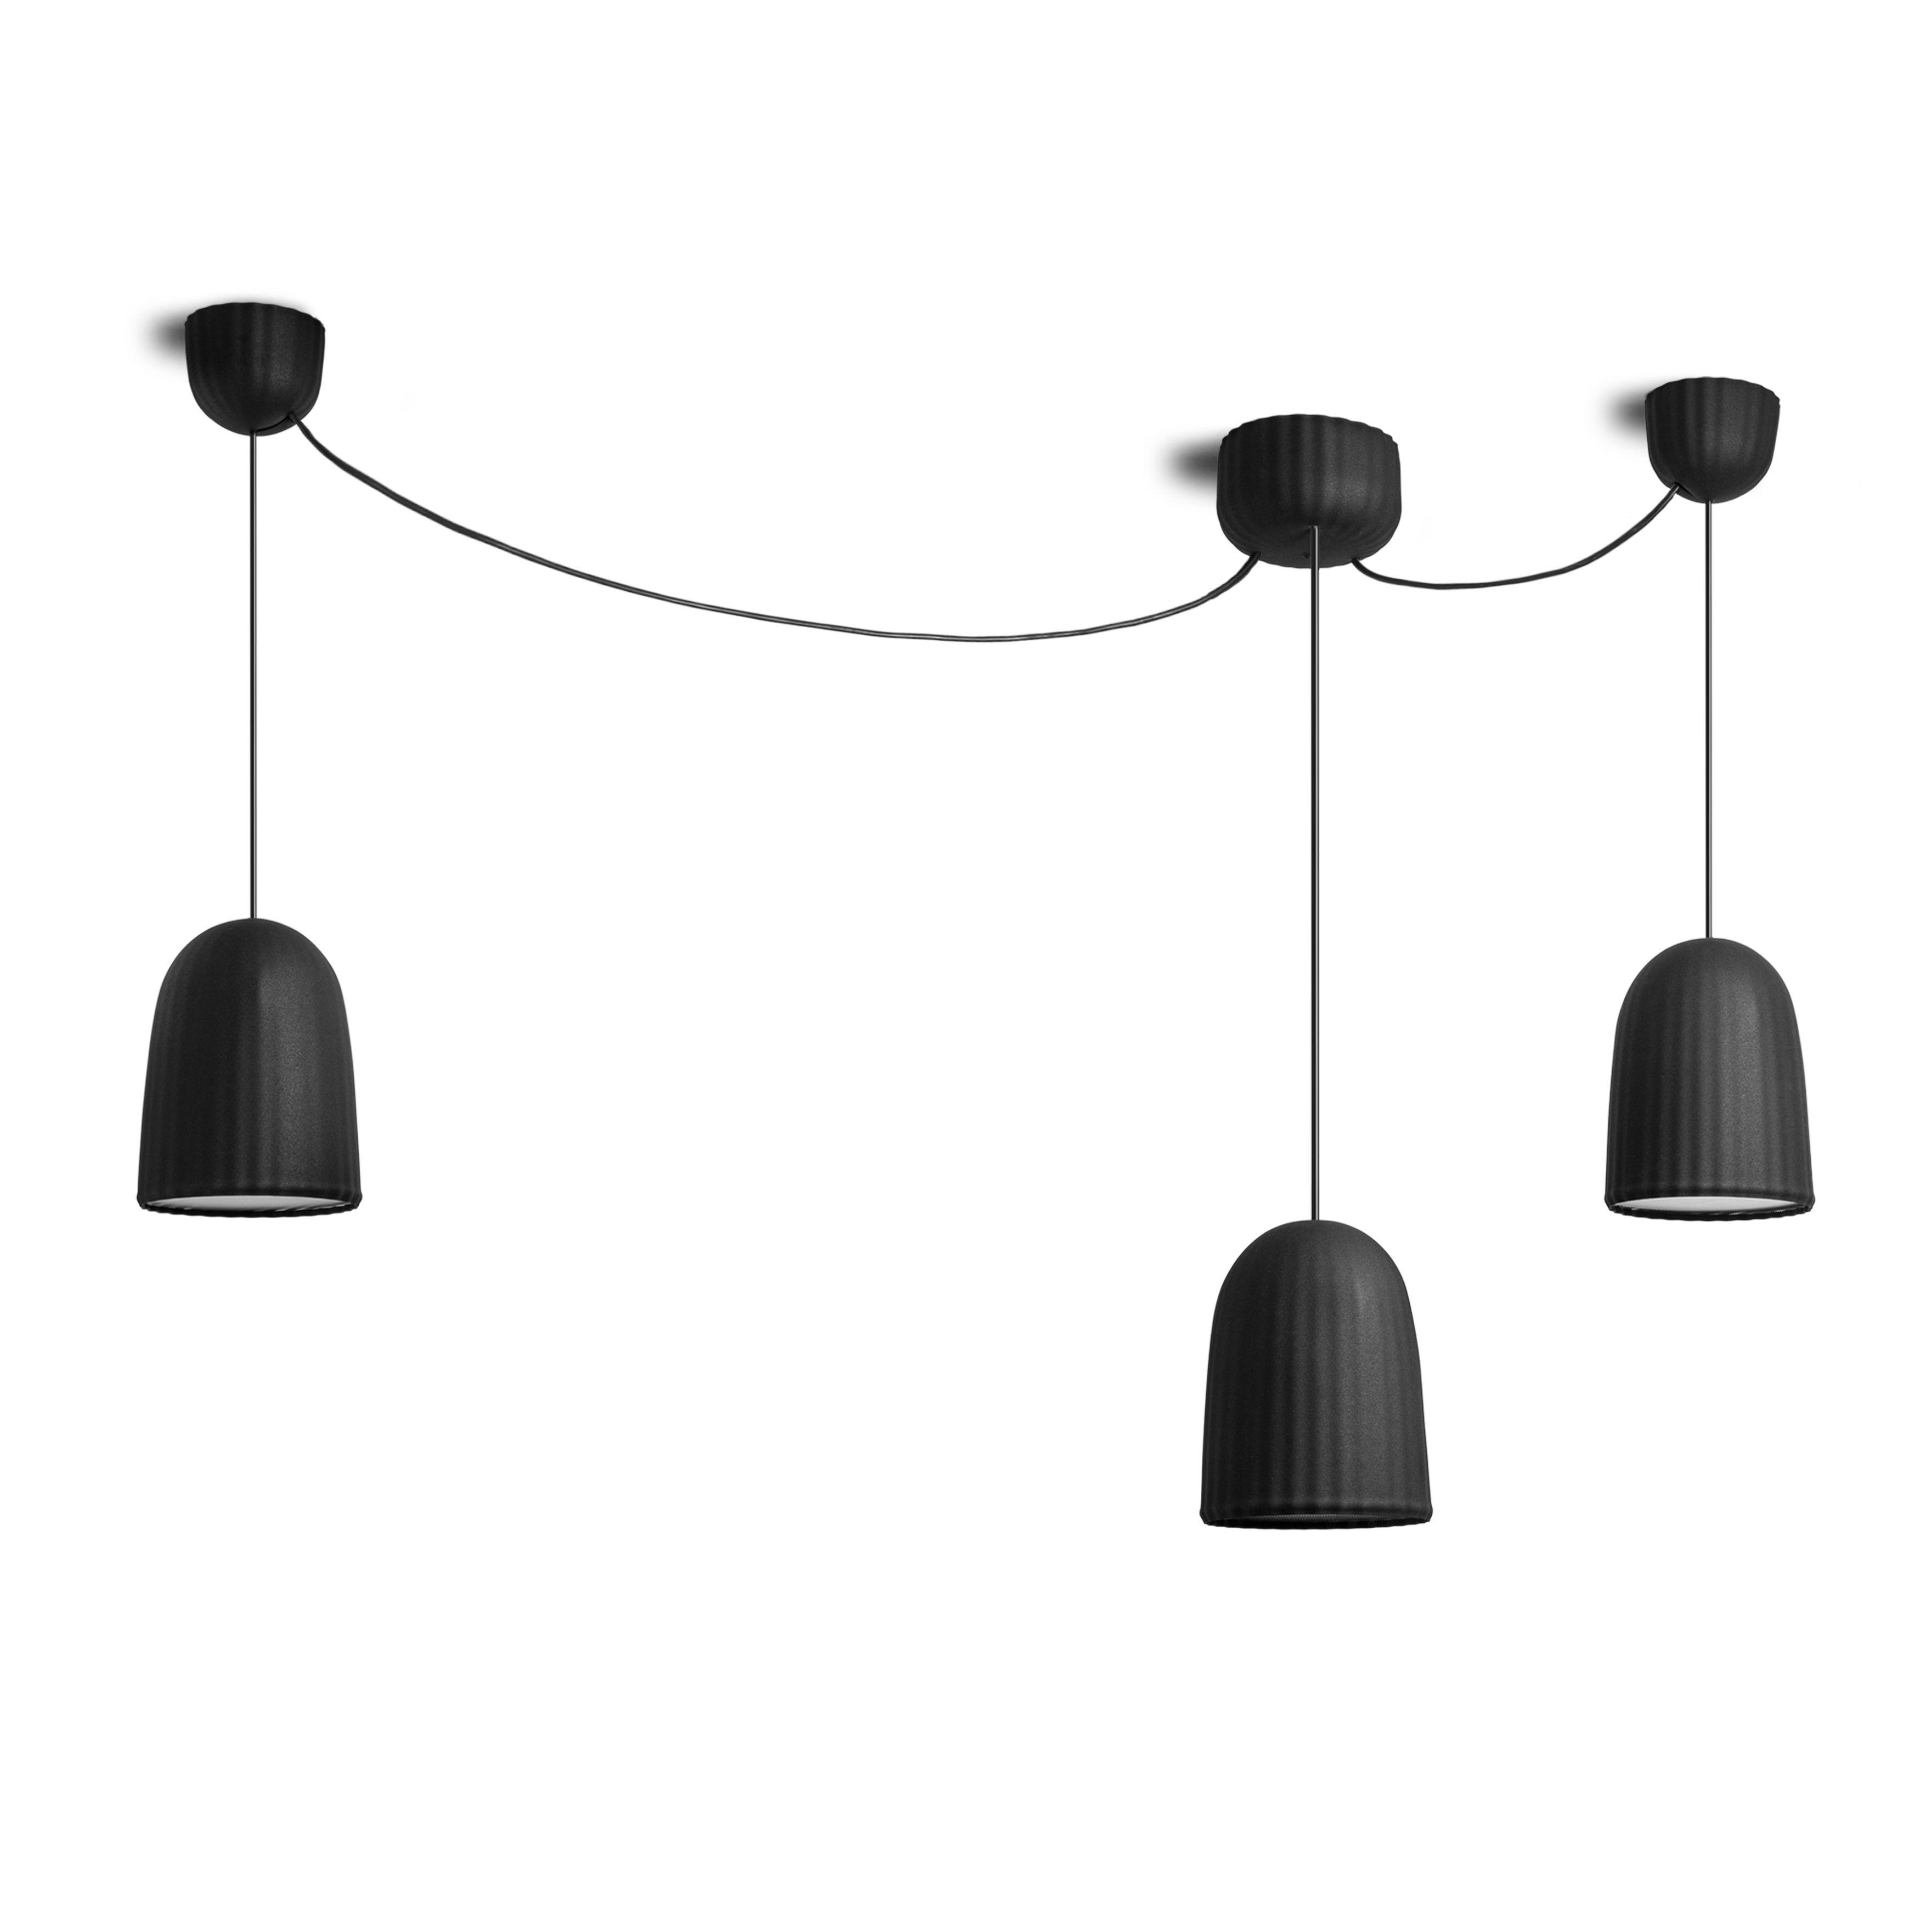 f r chains h ngelampen petite friture deckenverteiler. Black Bedroom Furniture Sets. Home Design Ideas